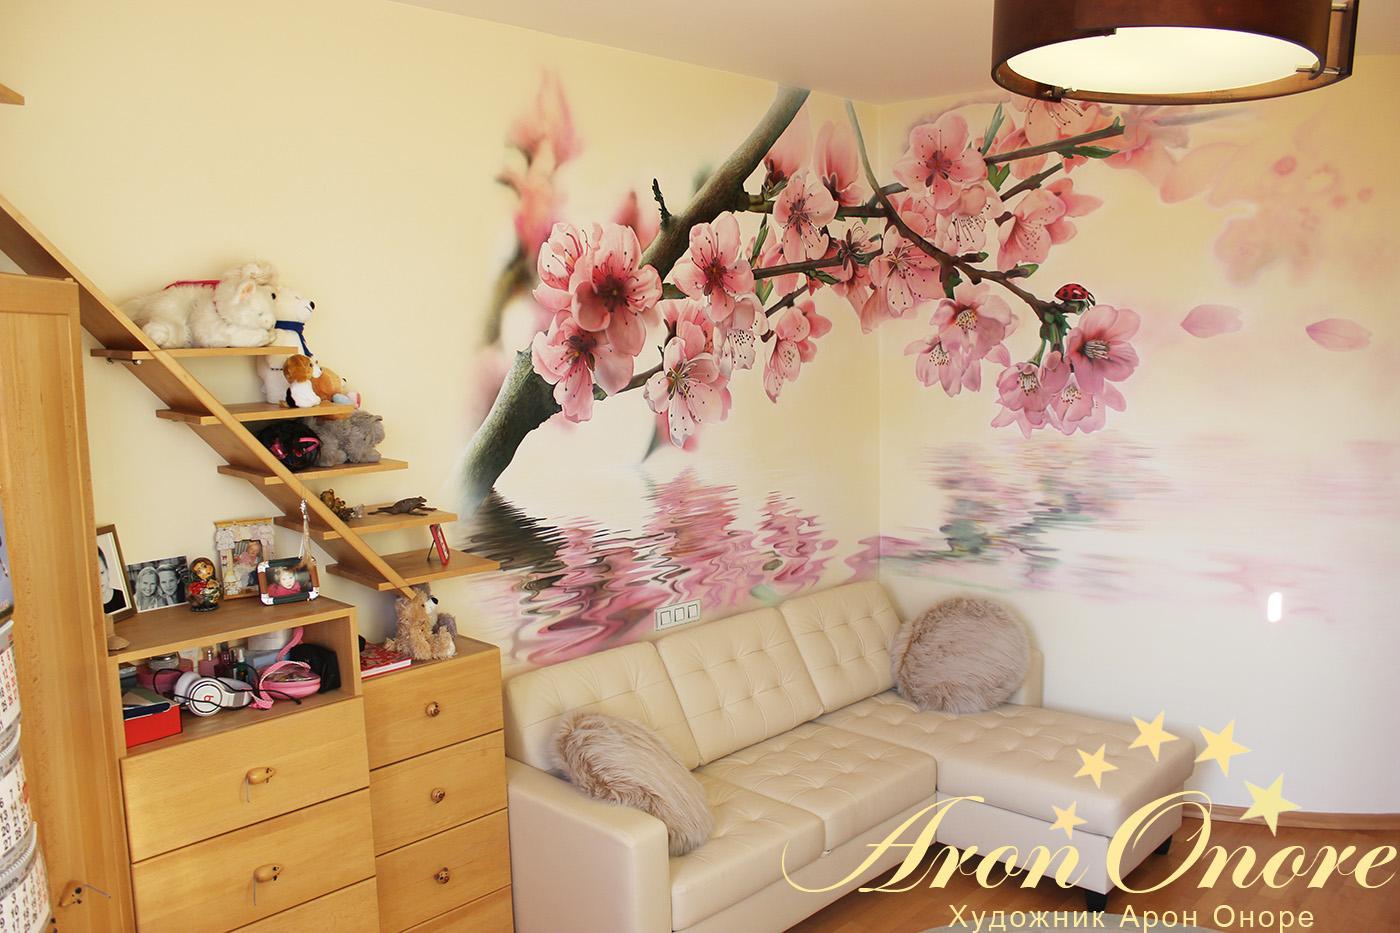 Фото рисунков на стенах в квартире своими руками